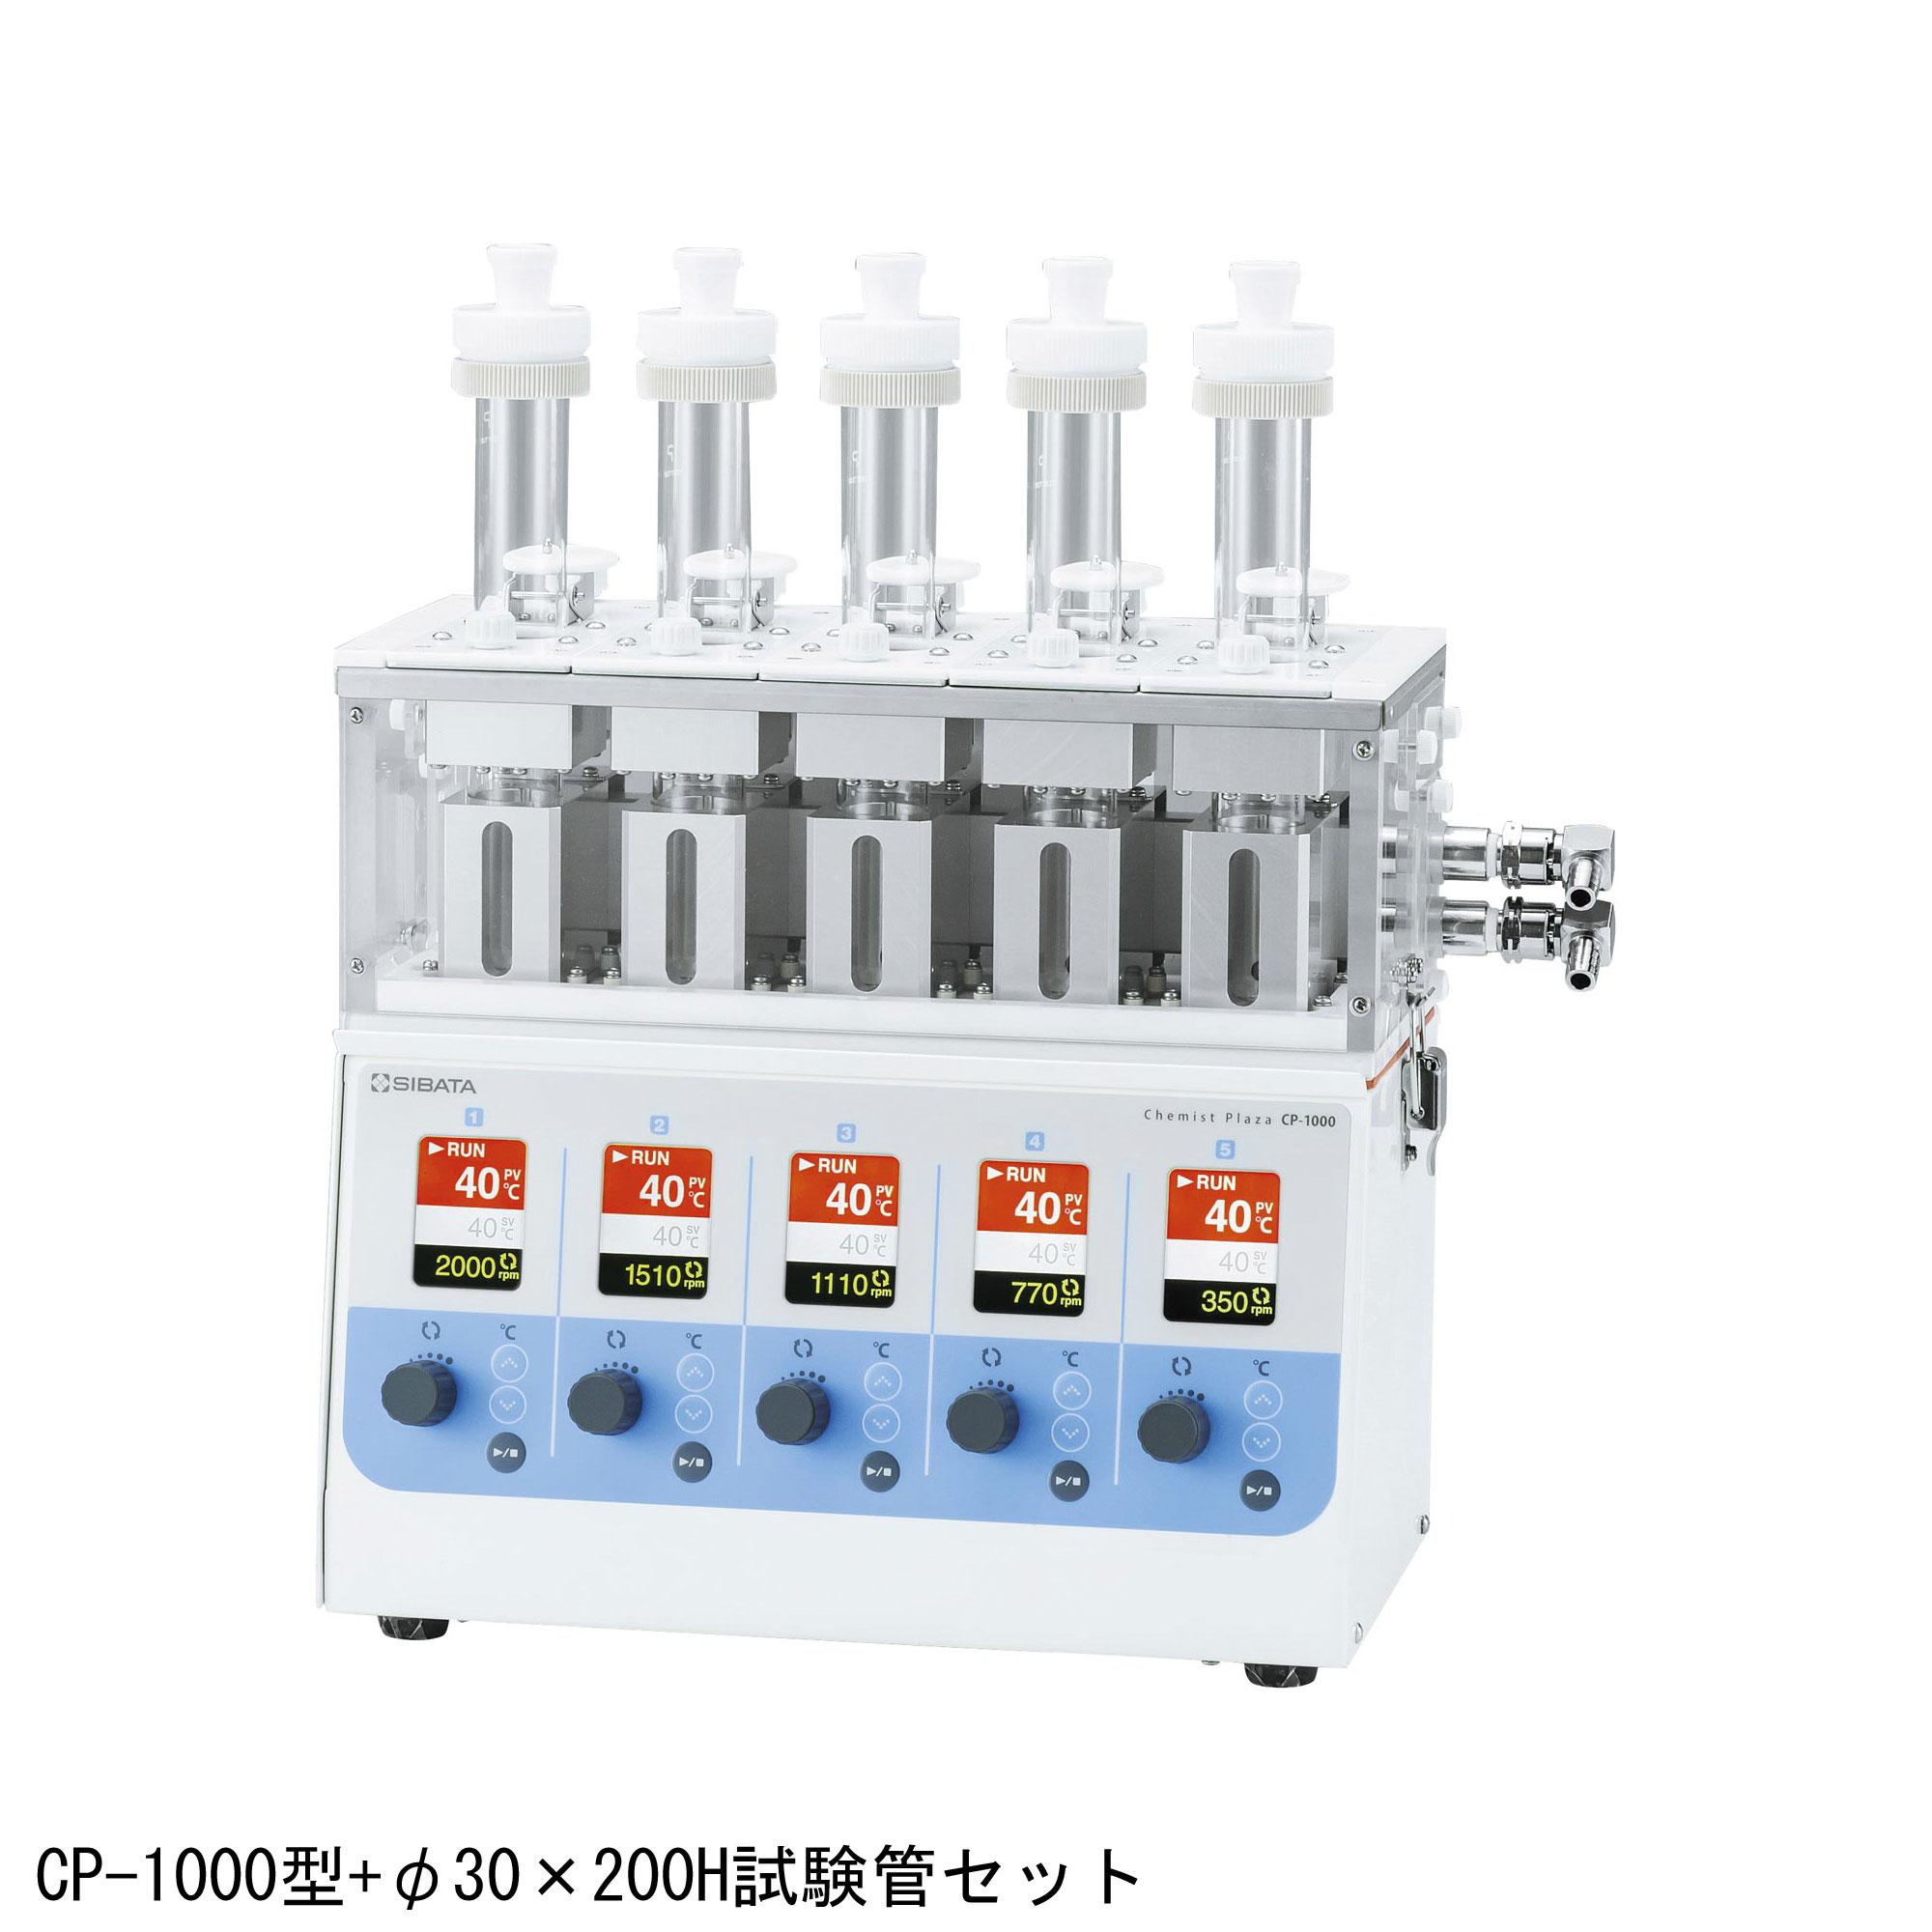 合成・反応装置 ケミストプラザ CP-1000用 φ30×200H試験管セット